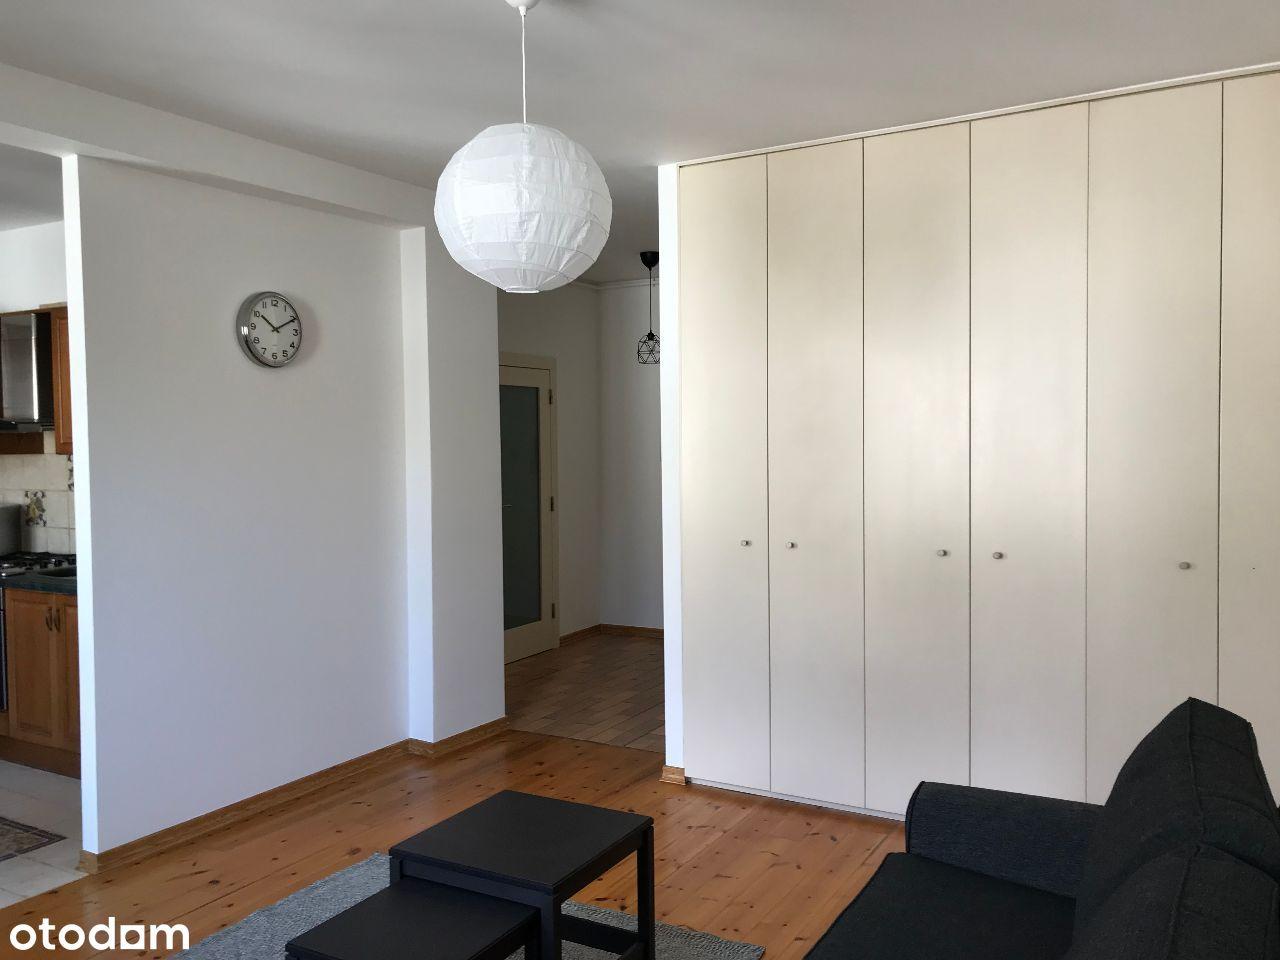 Mieszkanie jednopokojowe na Tarchominie